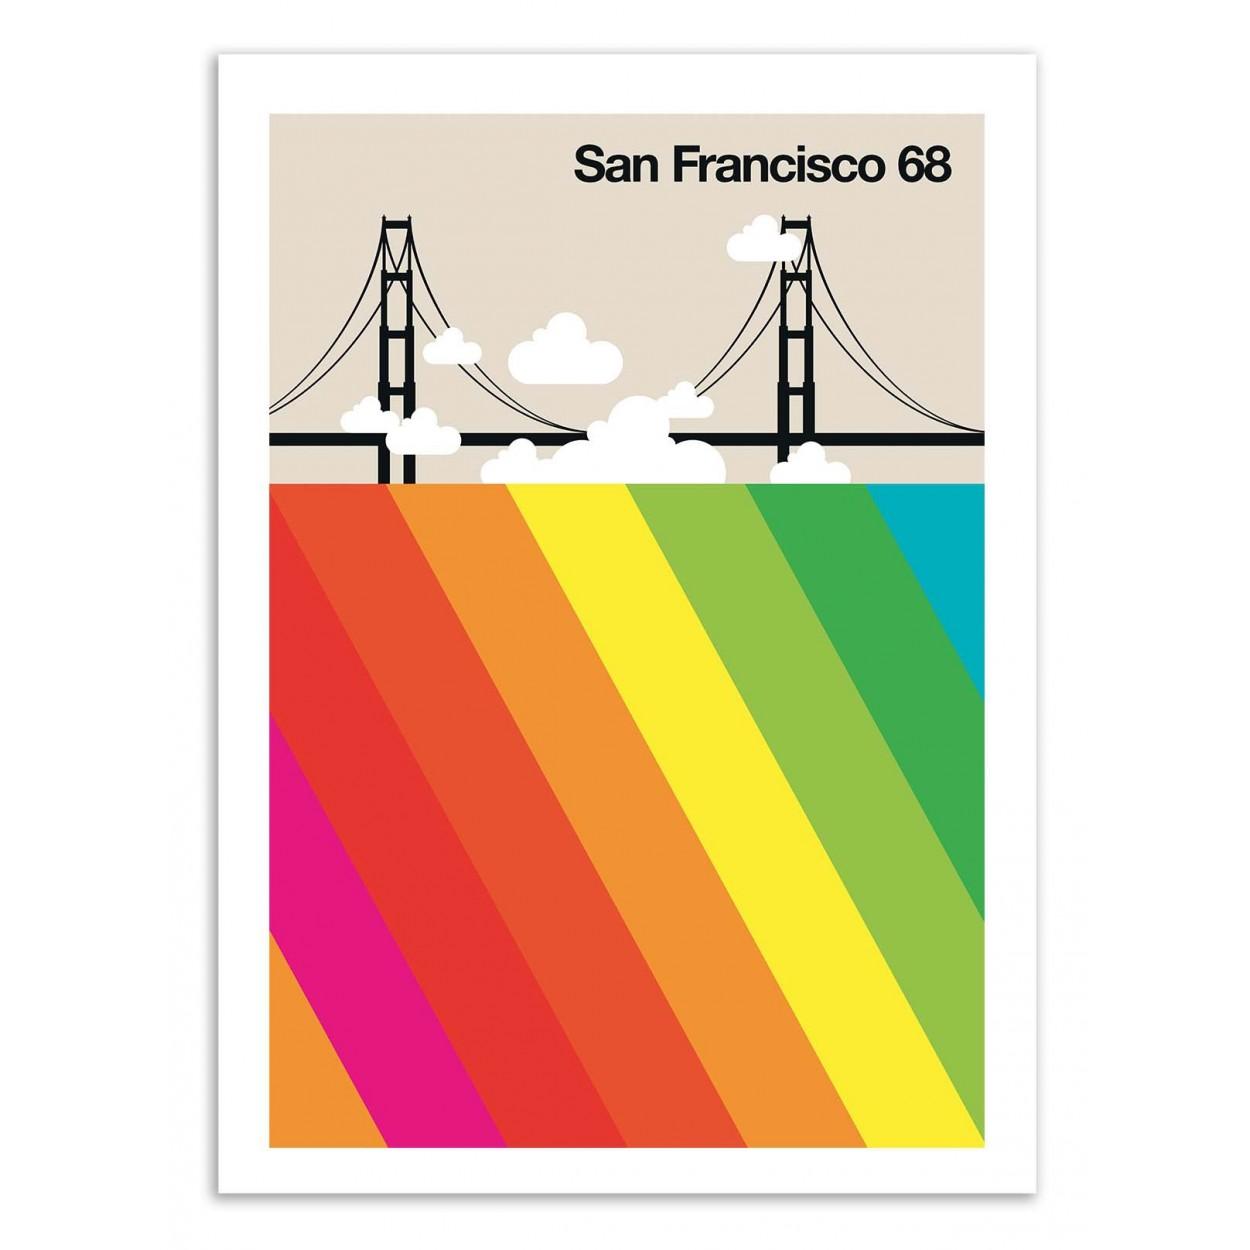 SAN FRANCISCO 68 - Affiche d'art 70 x 100 cm